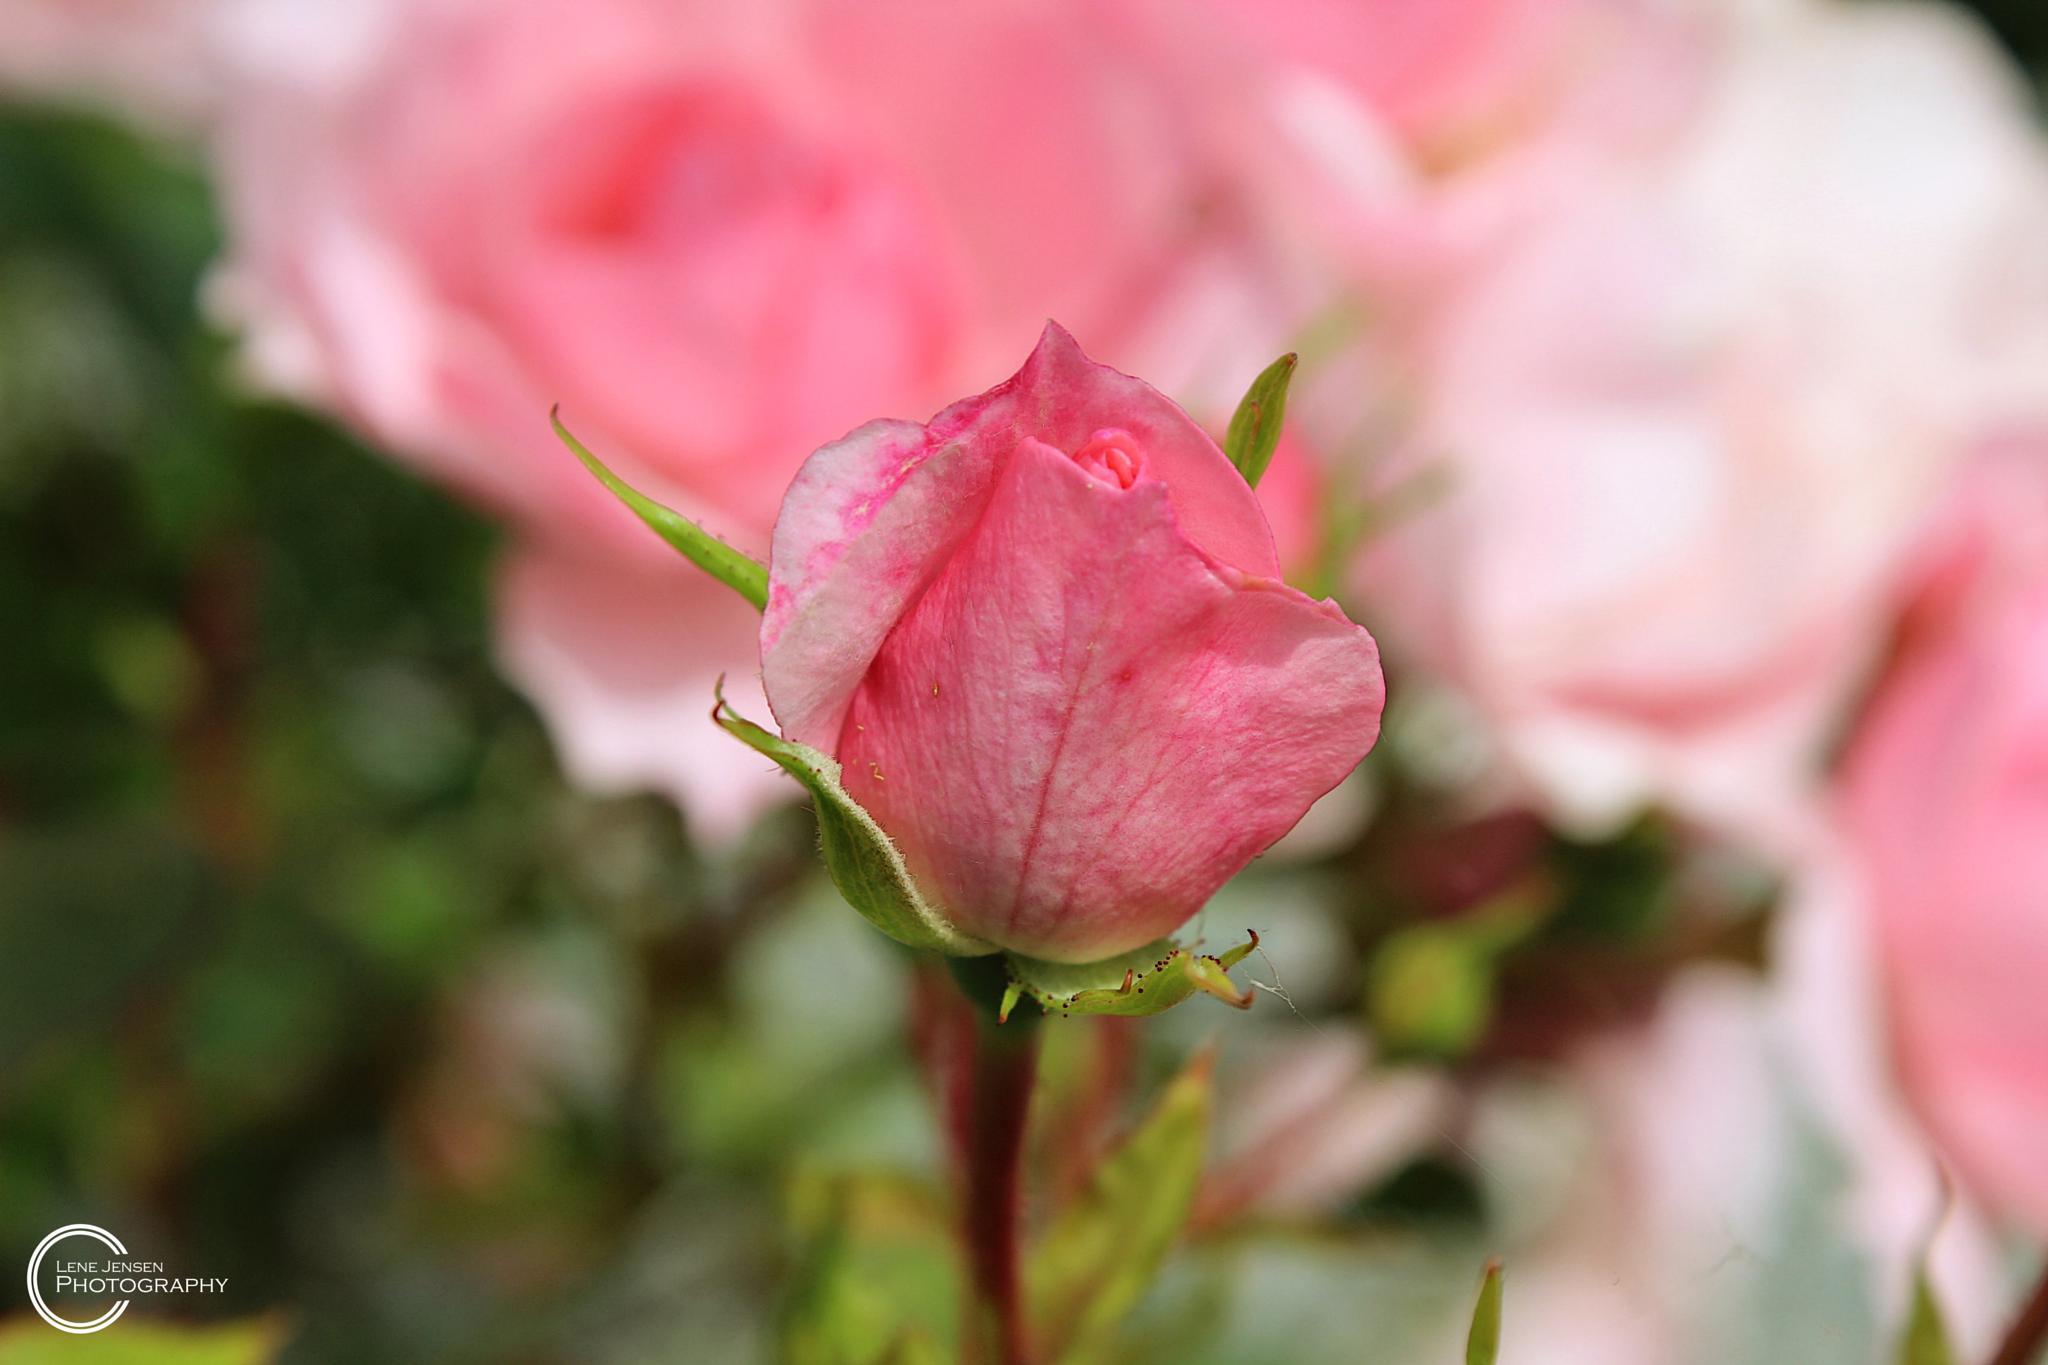 Rose of love by lenejohansen969